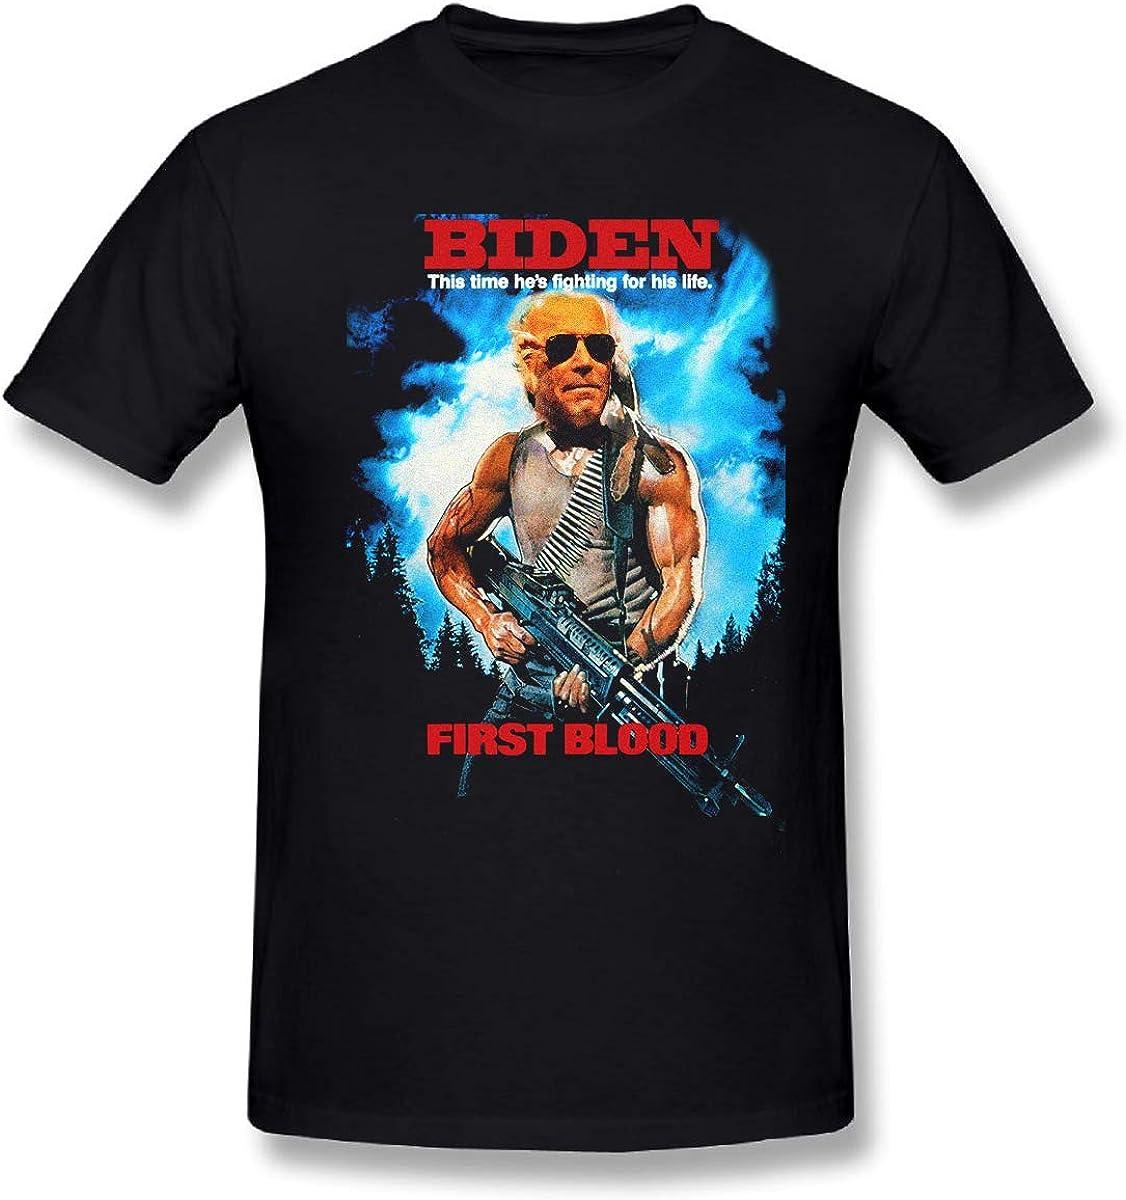 Joe Biden for President 2020 Election Poster Tshirt for Mens